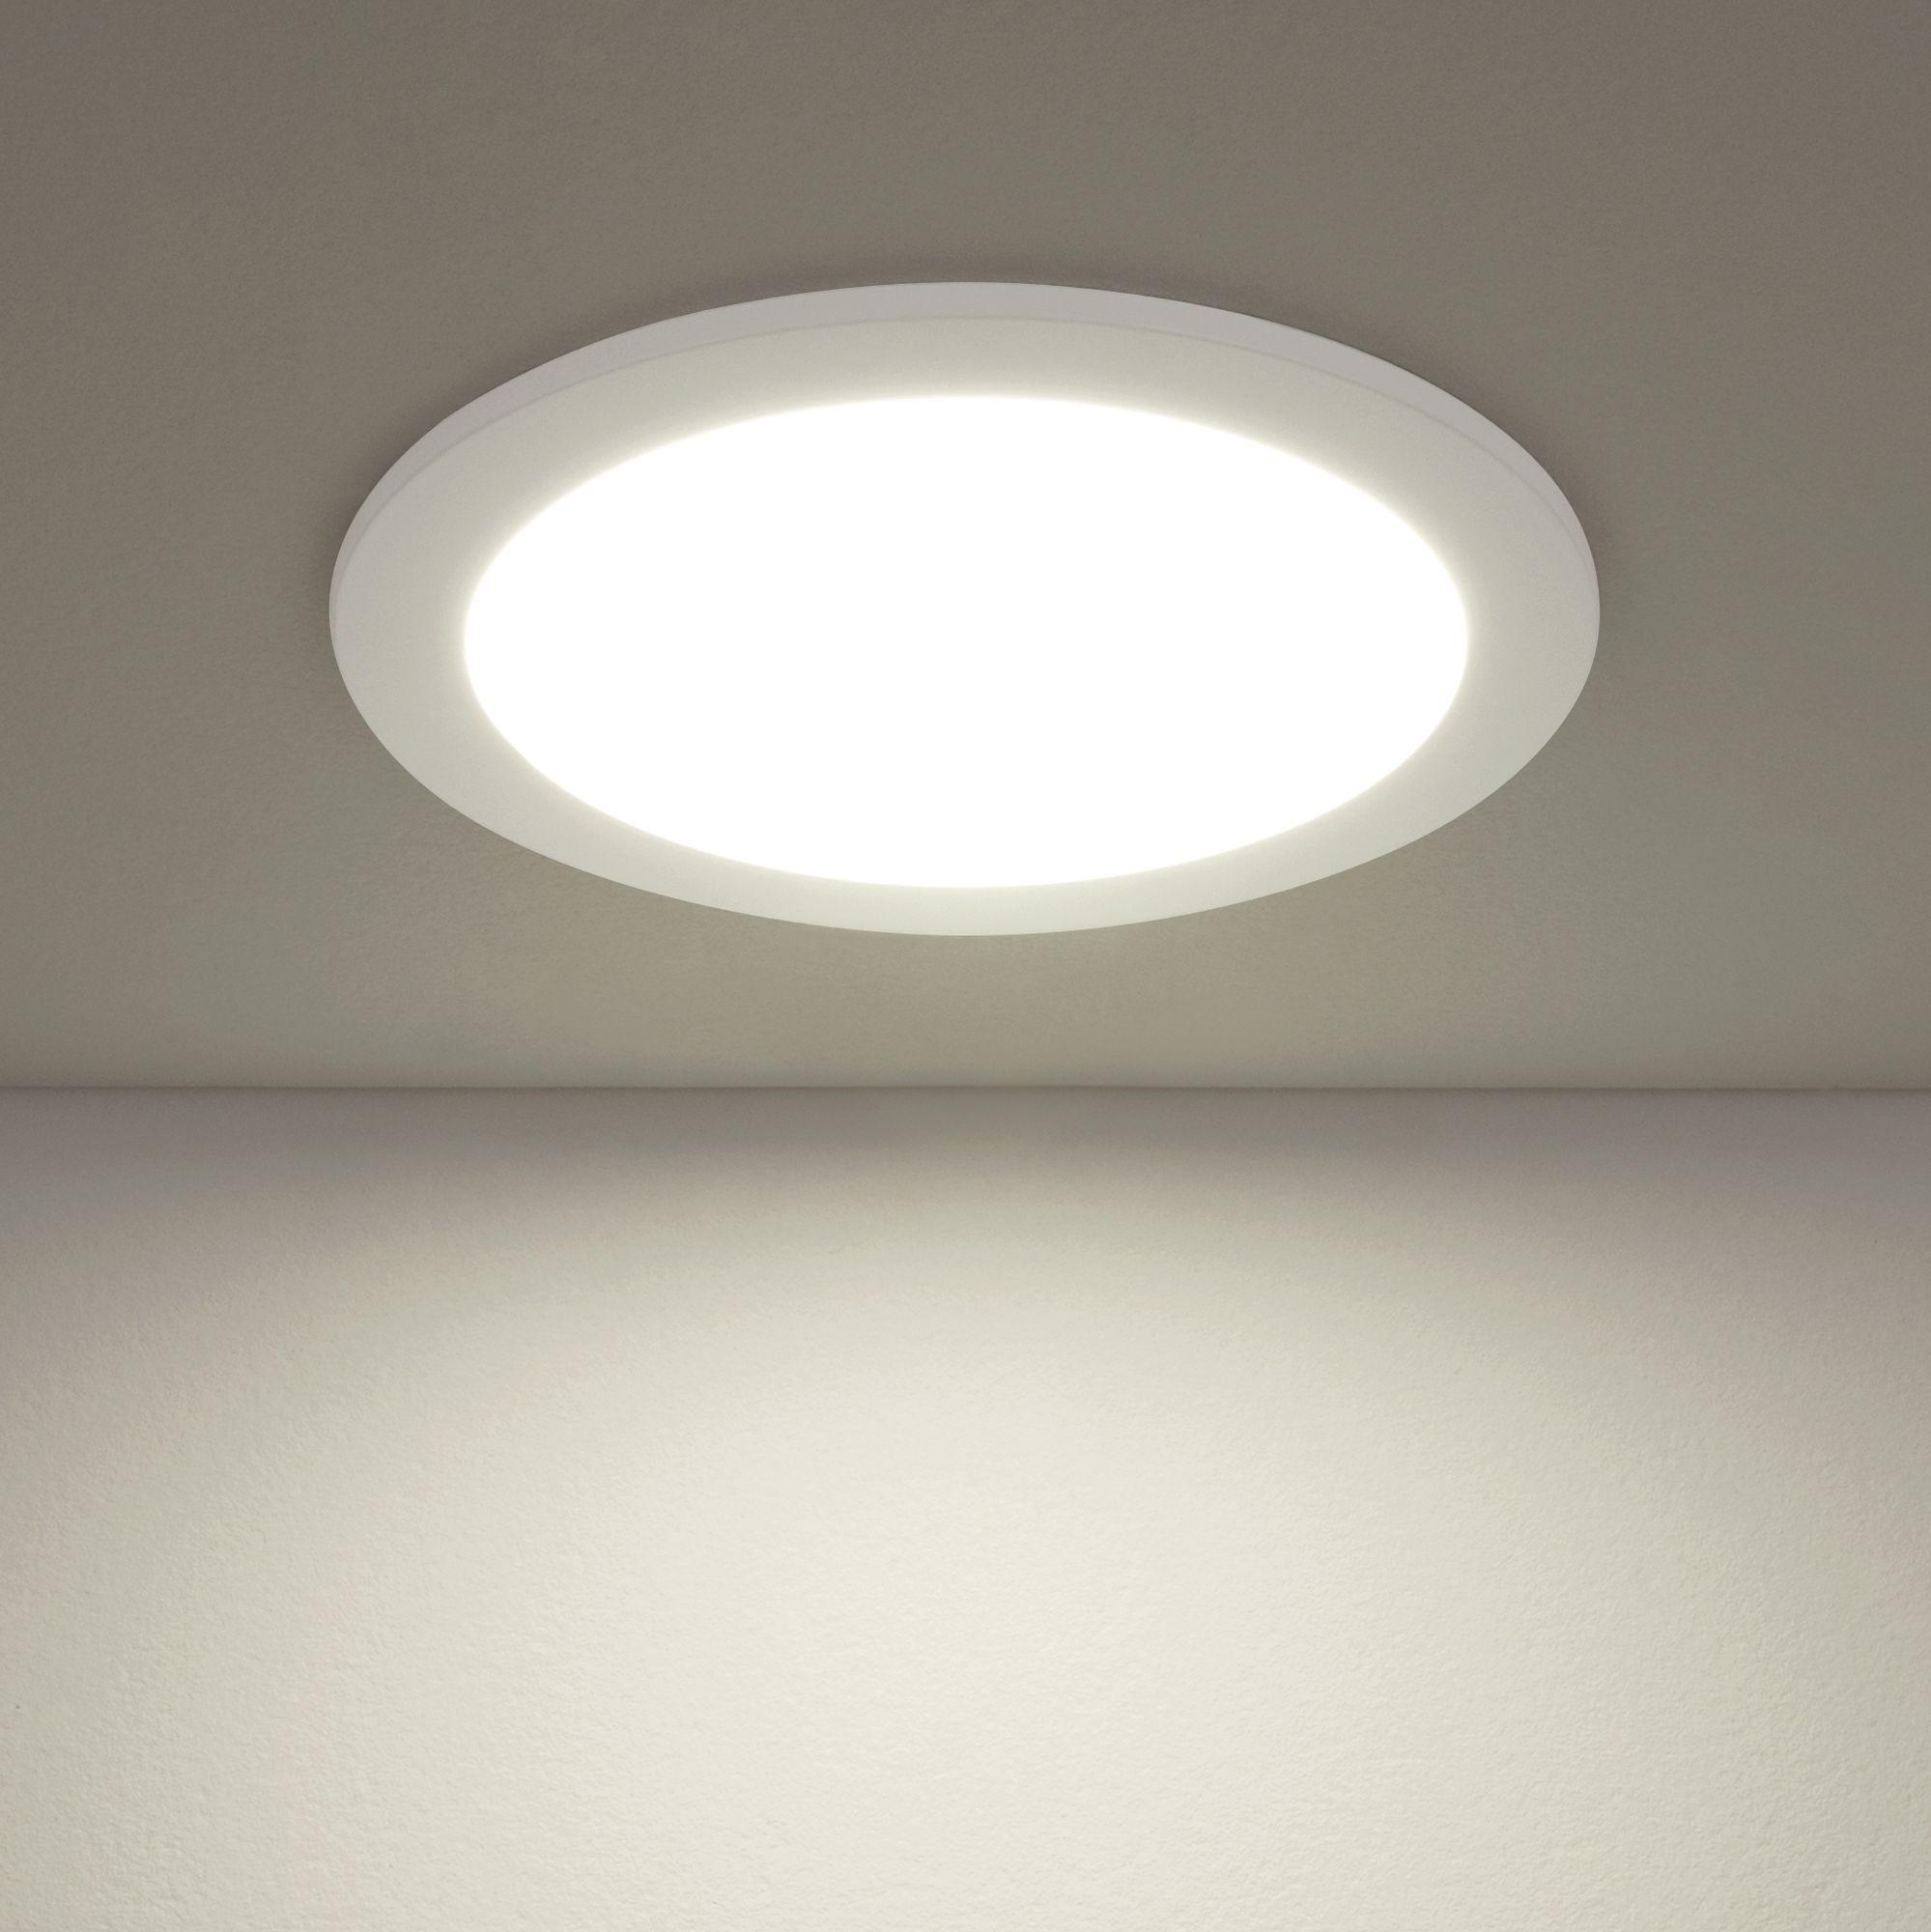 Встраиваемый светодиодный светильник DLR003 18W 4200K